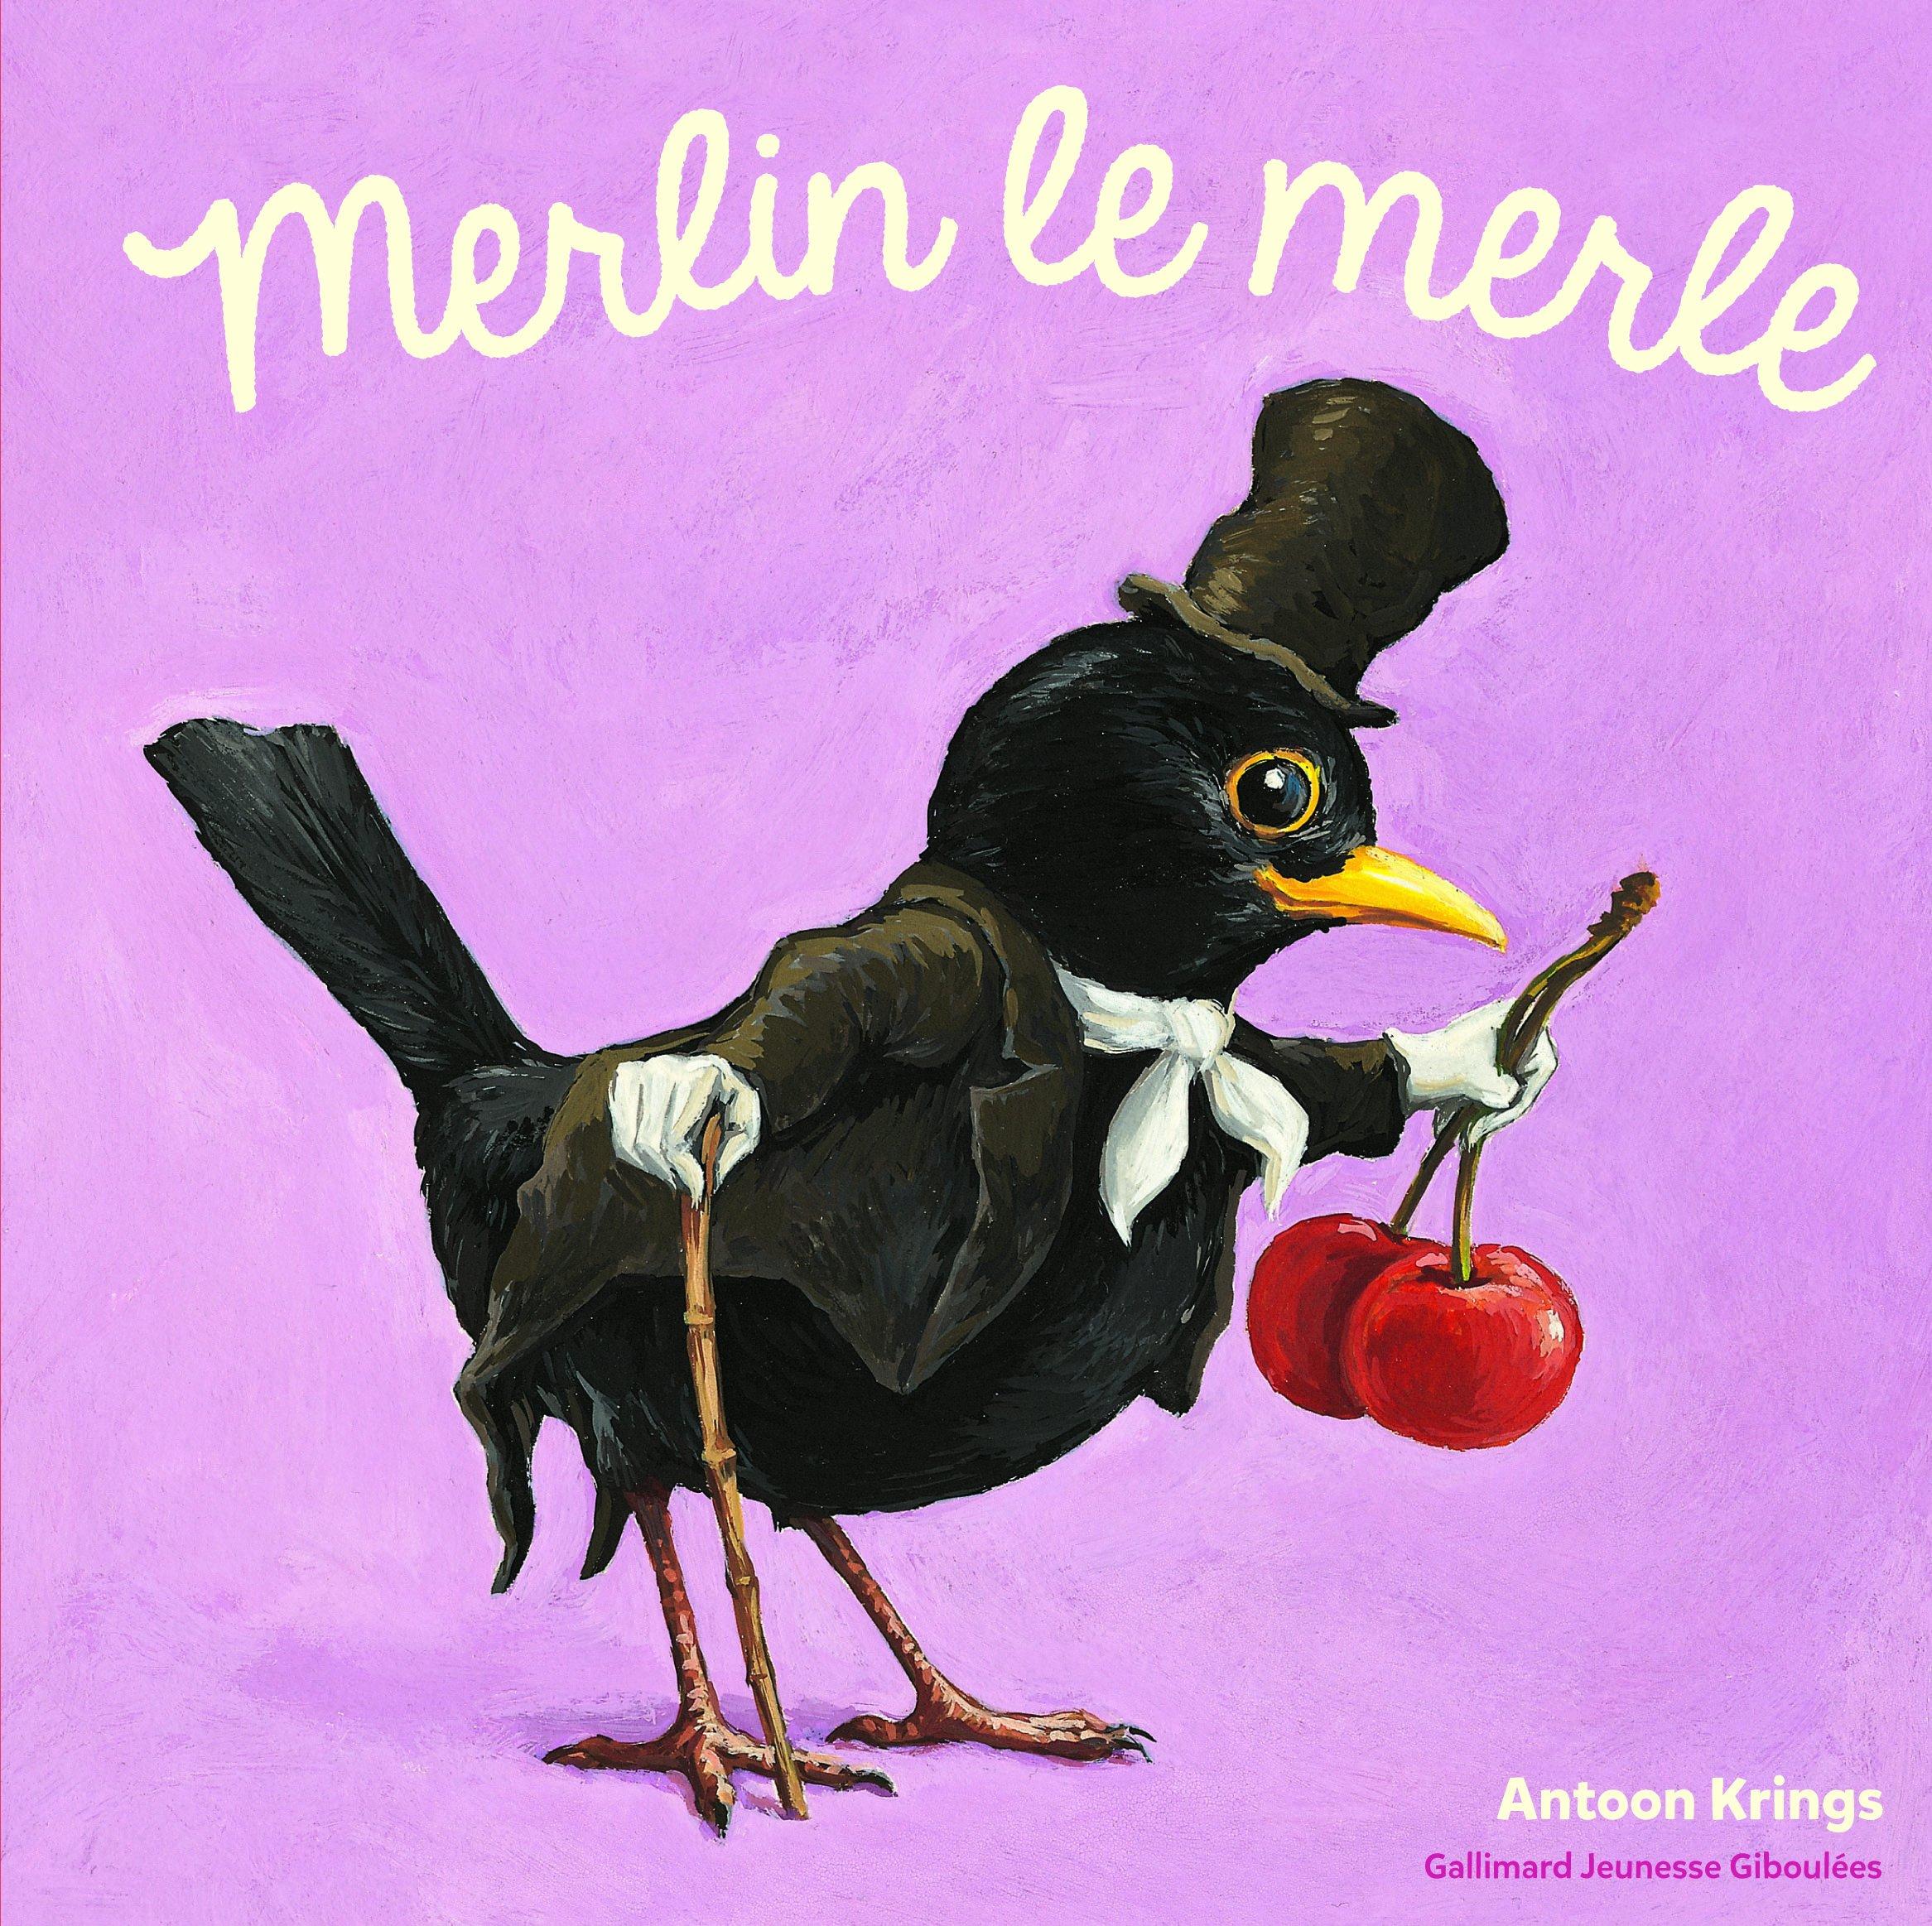 """Résultat de recherche d'images pour """"merlin le merle antoon krings"""""""